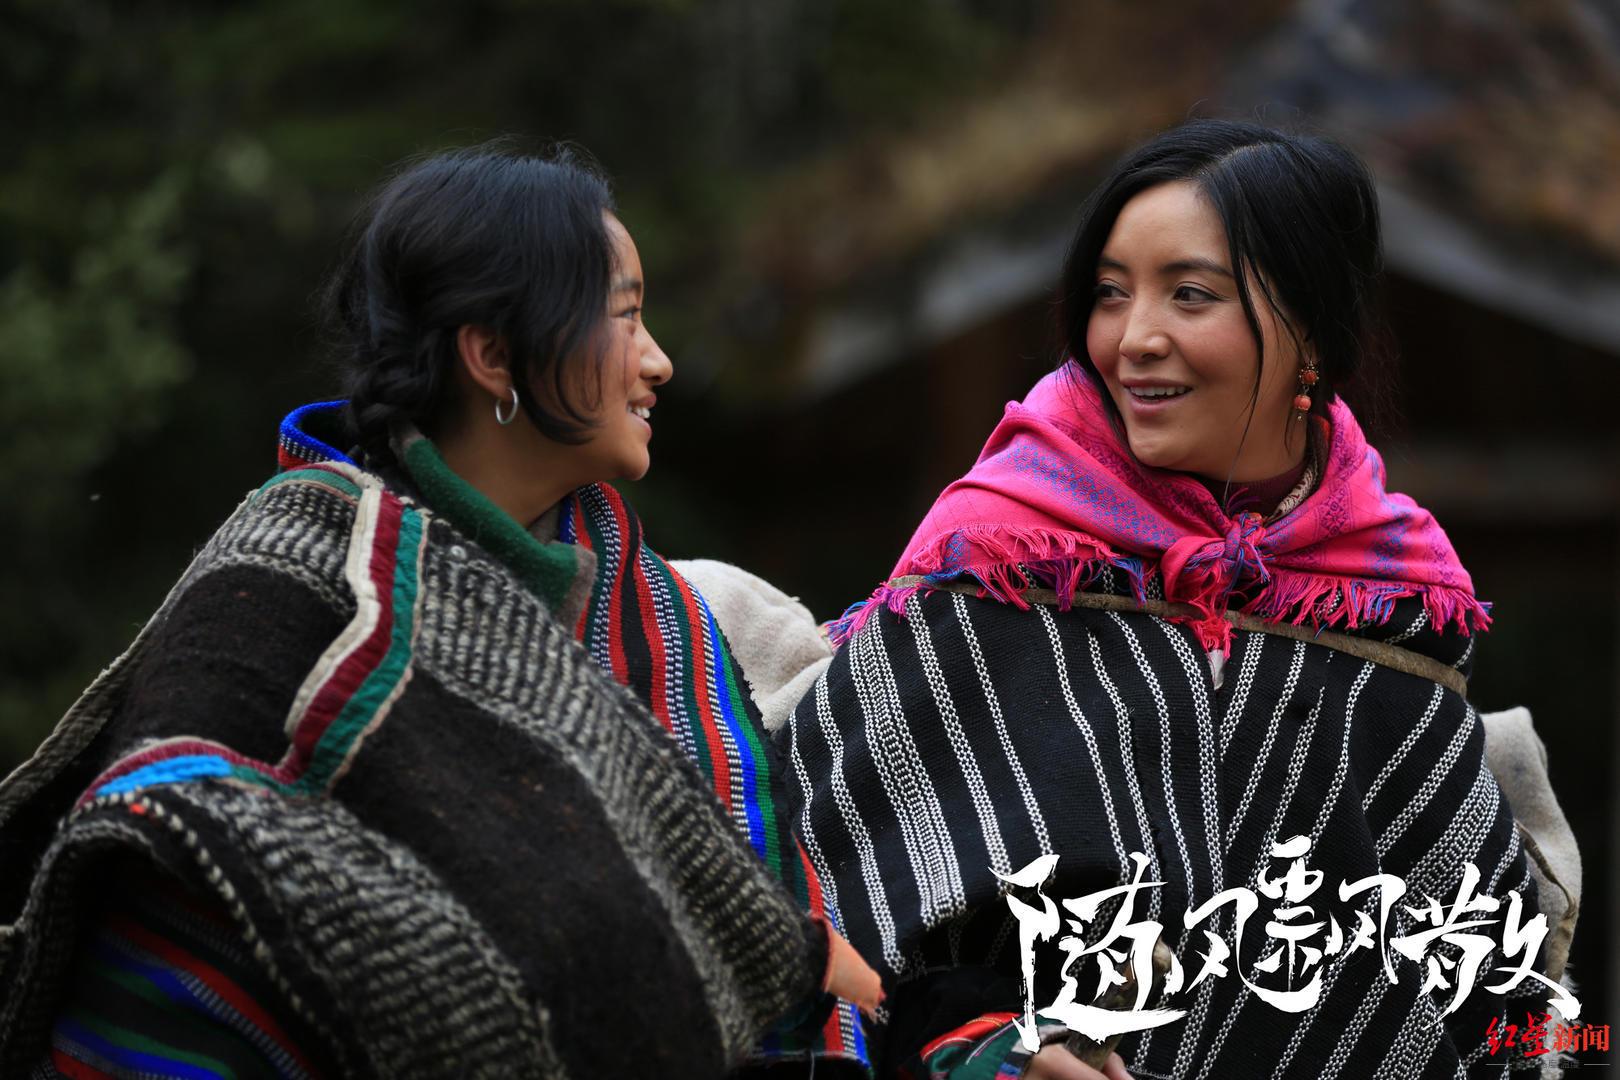 根据阿来小说改编电影《随风飘散》入选釜山国际电影节